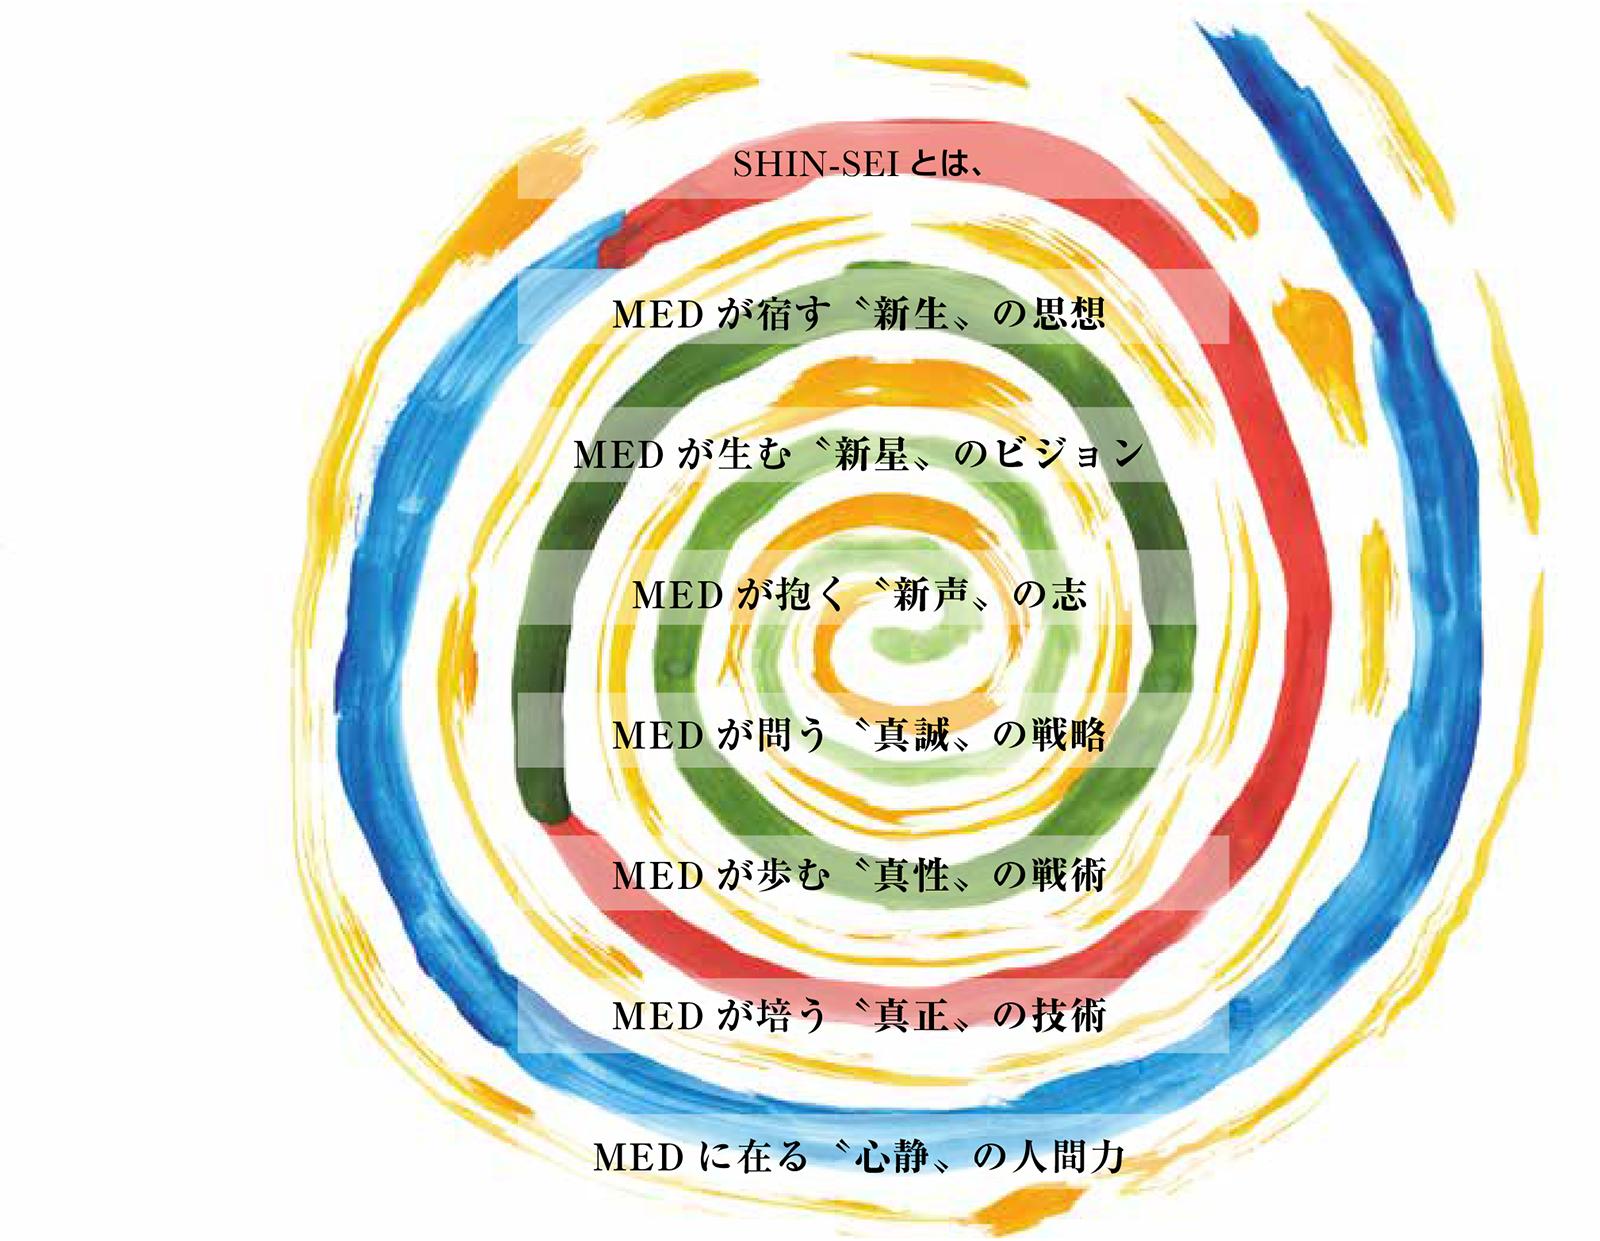 MED Japan2018